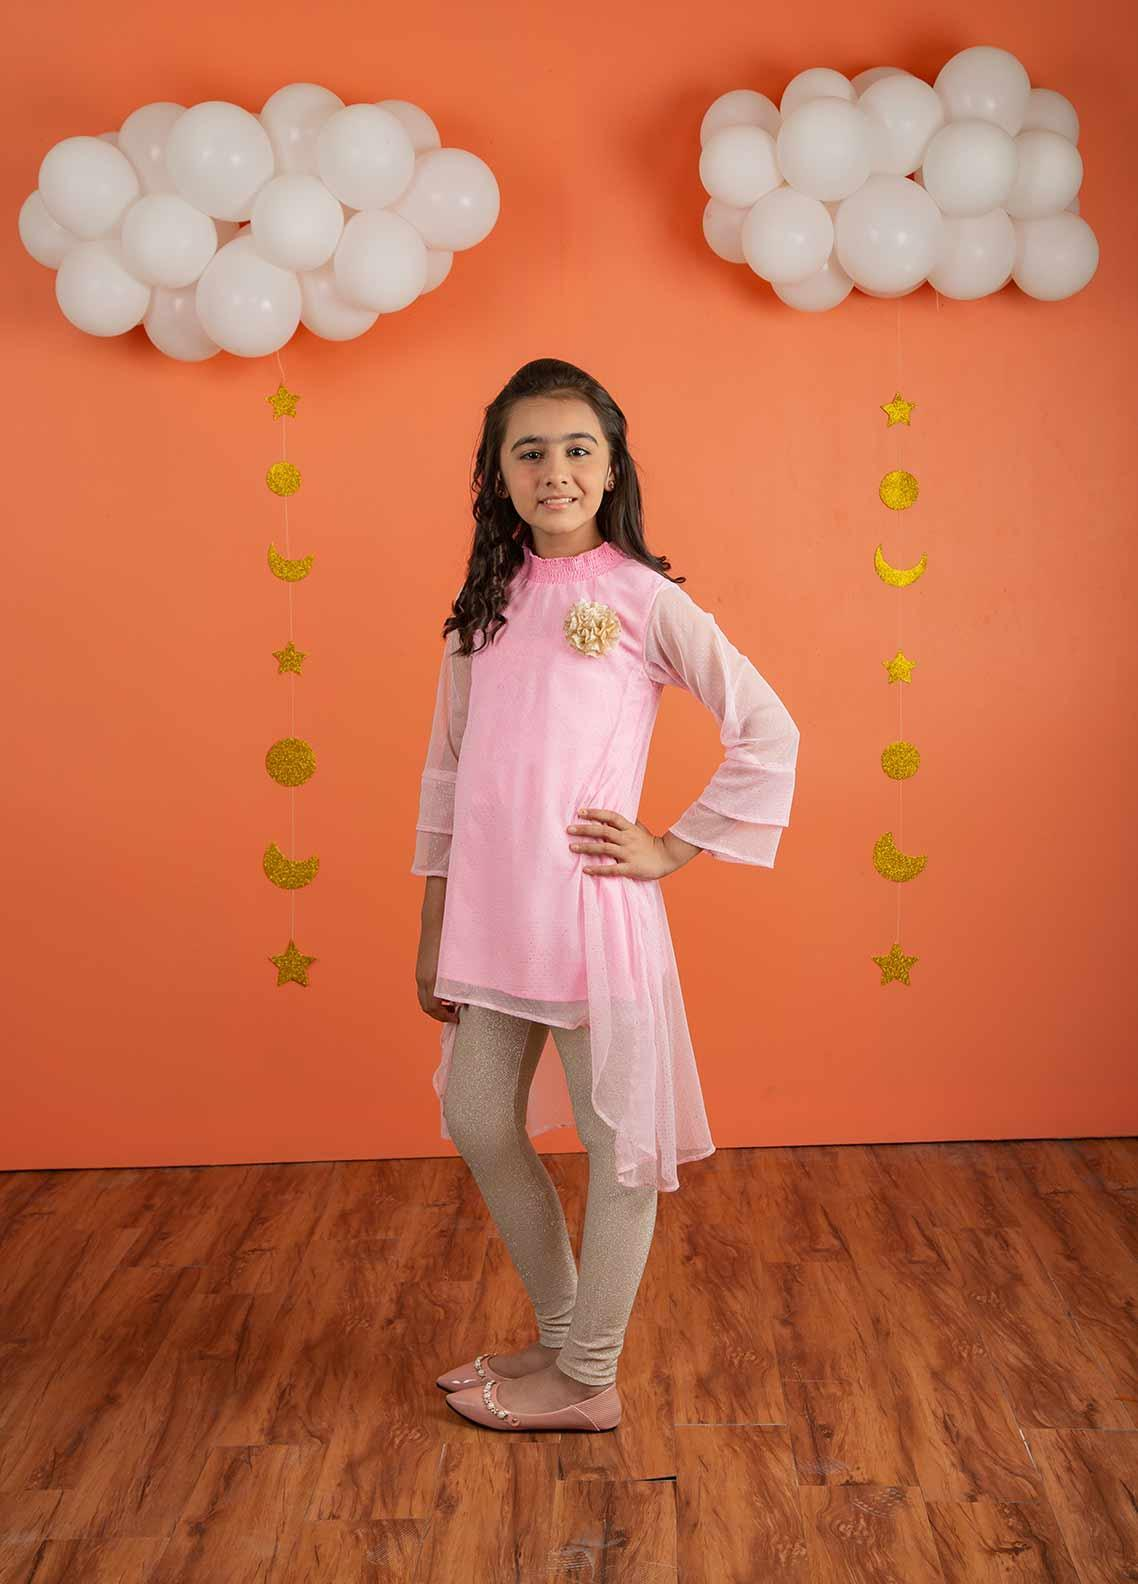 Ochre Zari Net Formal Girls Kurtis - OFK 627 Light Pink